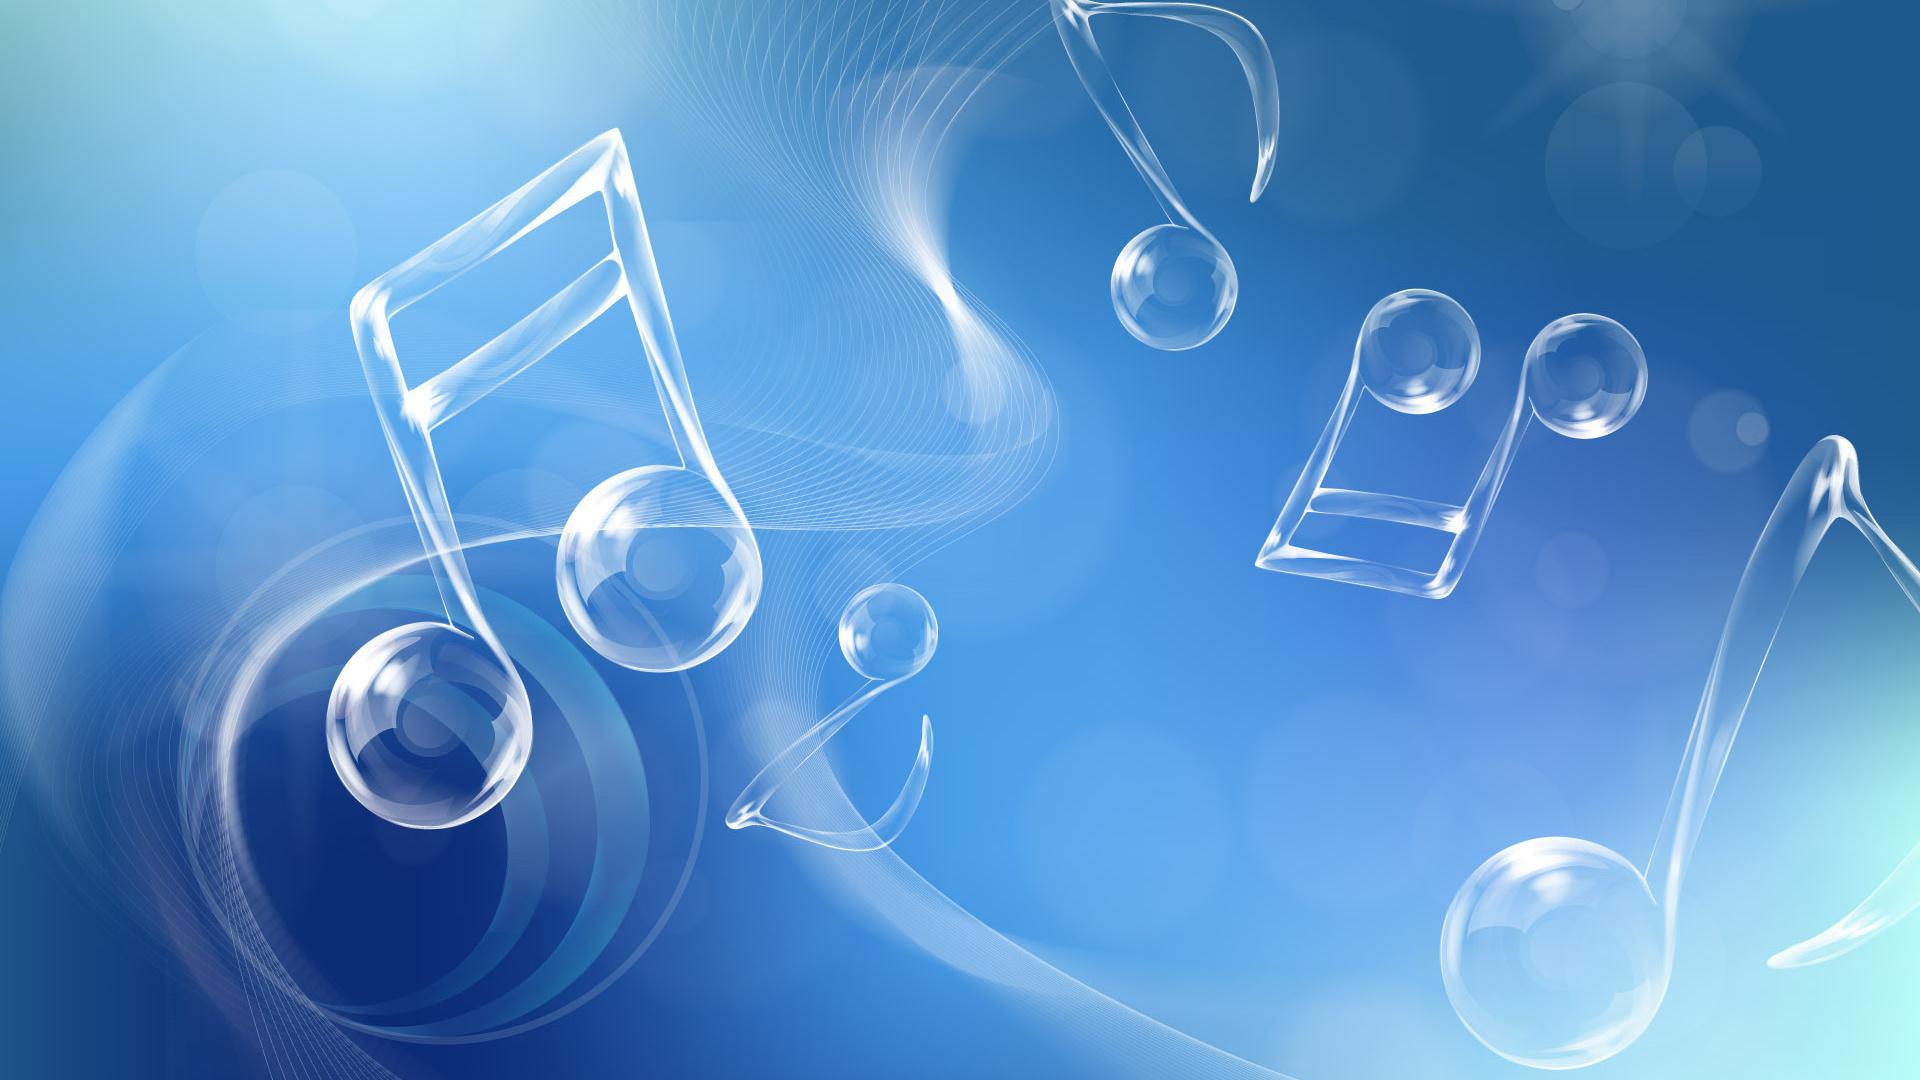 сообщить мелодии на телефон красивые без слов инженера замер